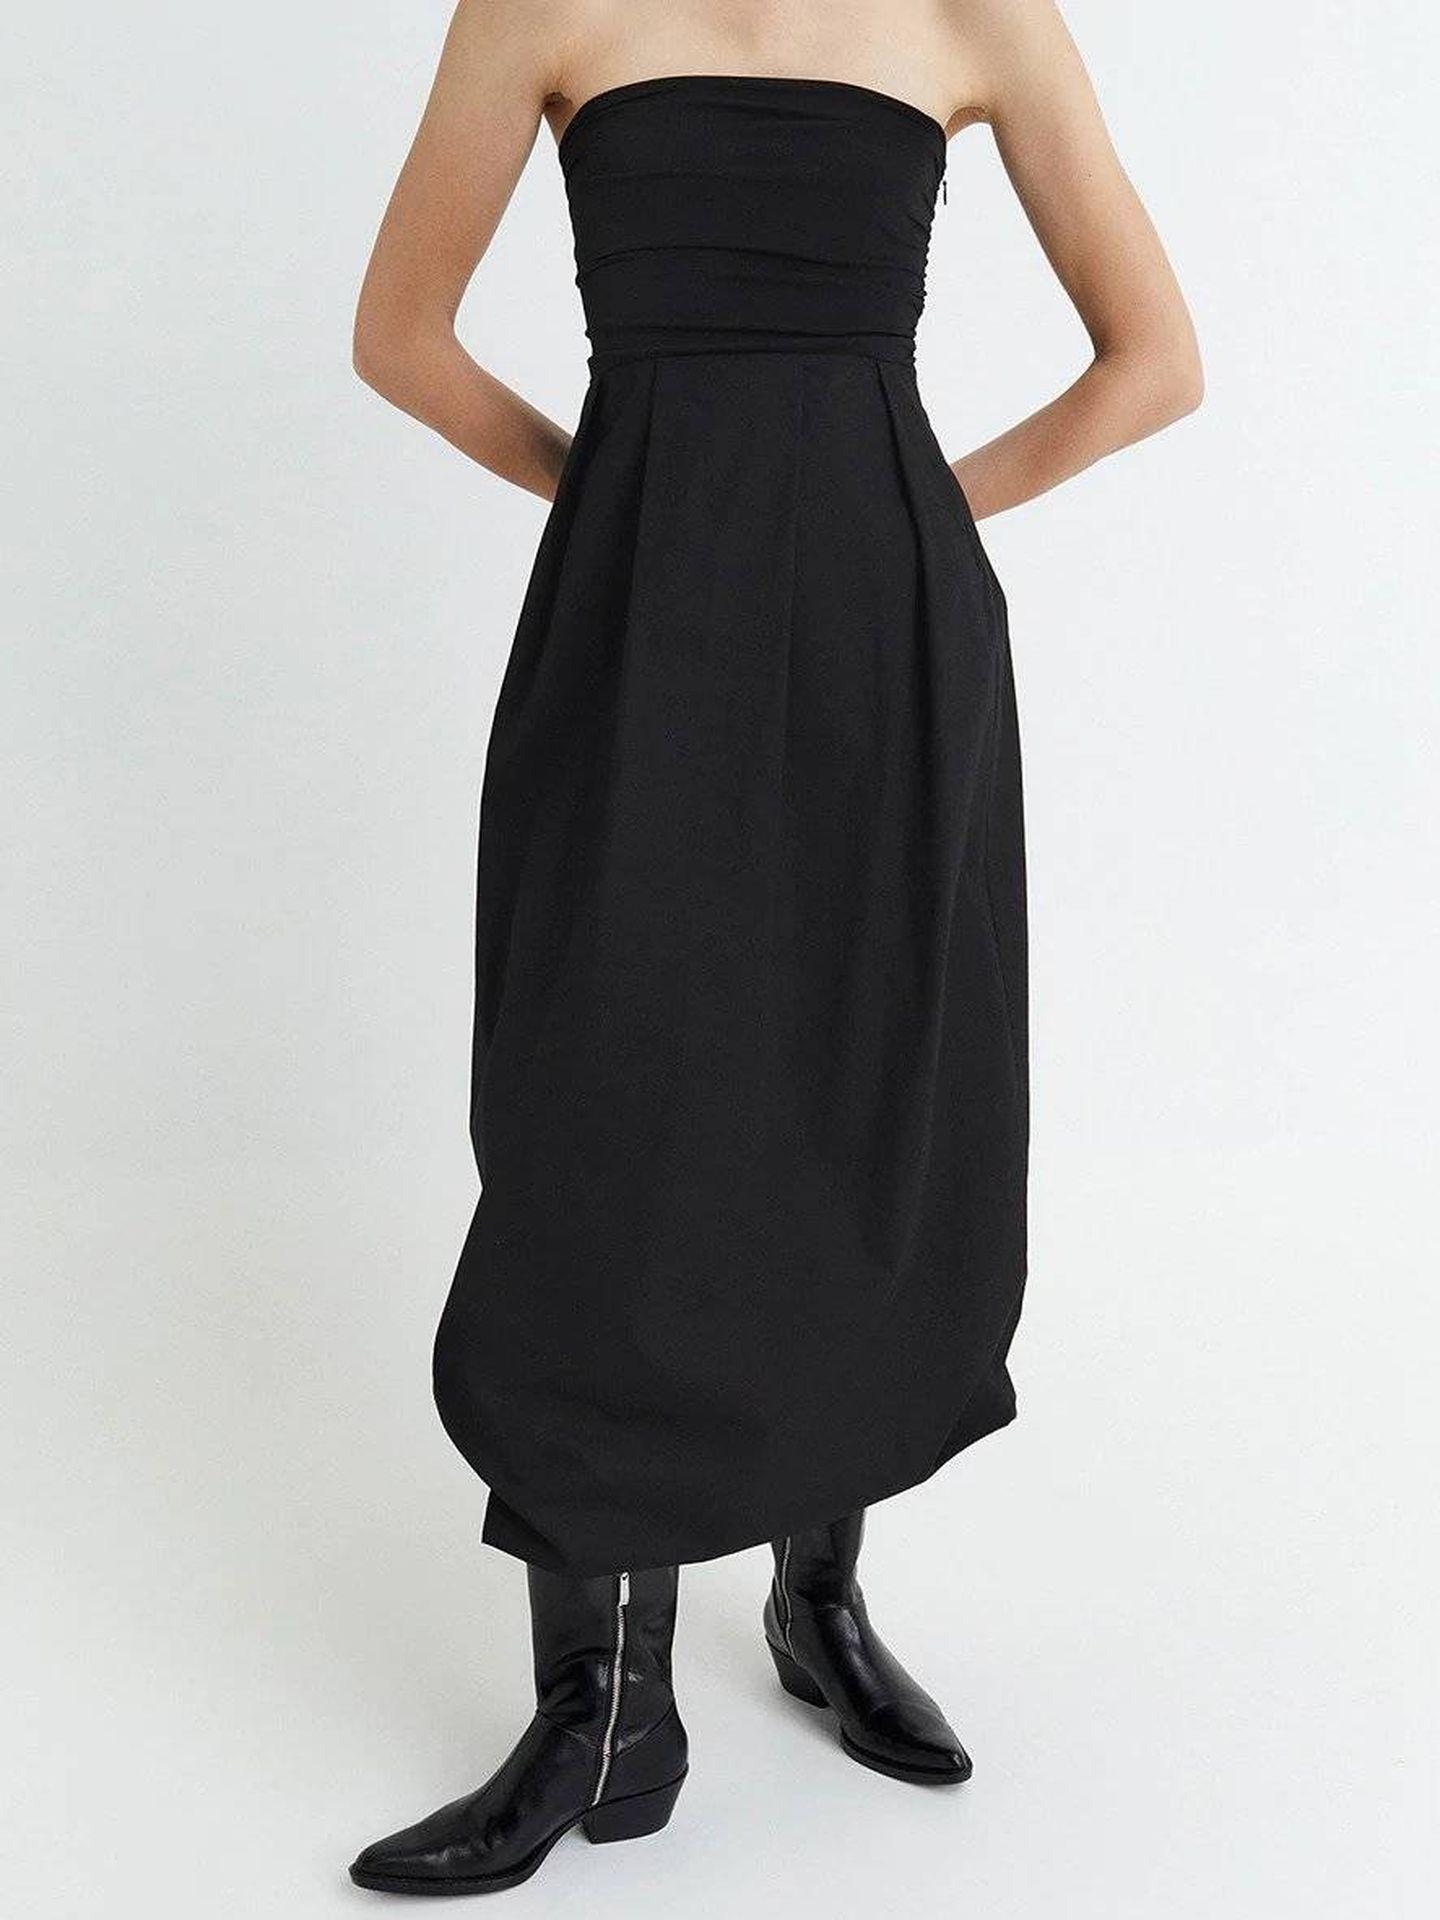 Vestido negro de Sfera. (Cortesía)